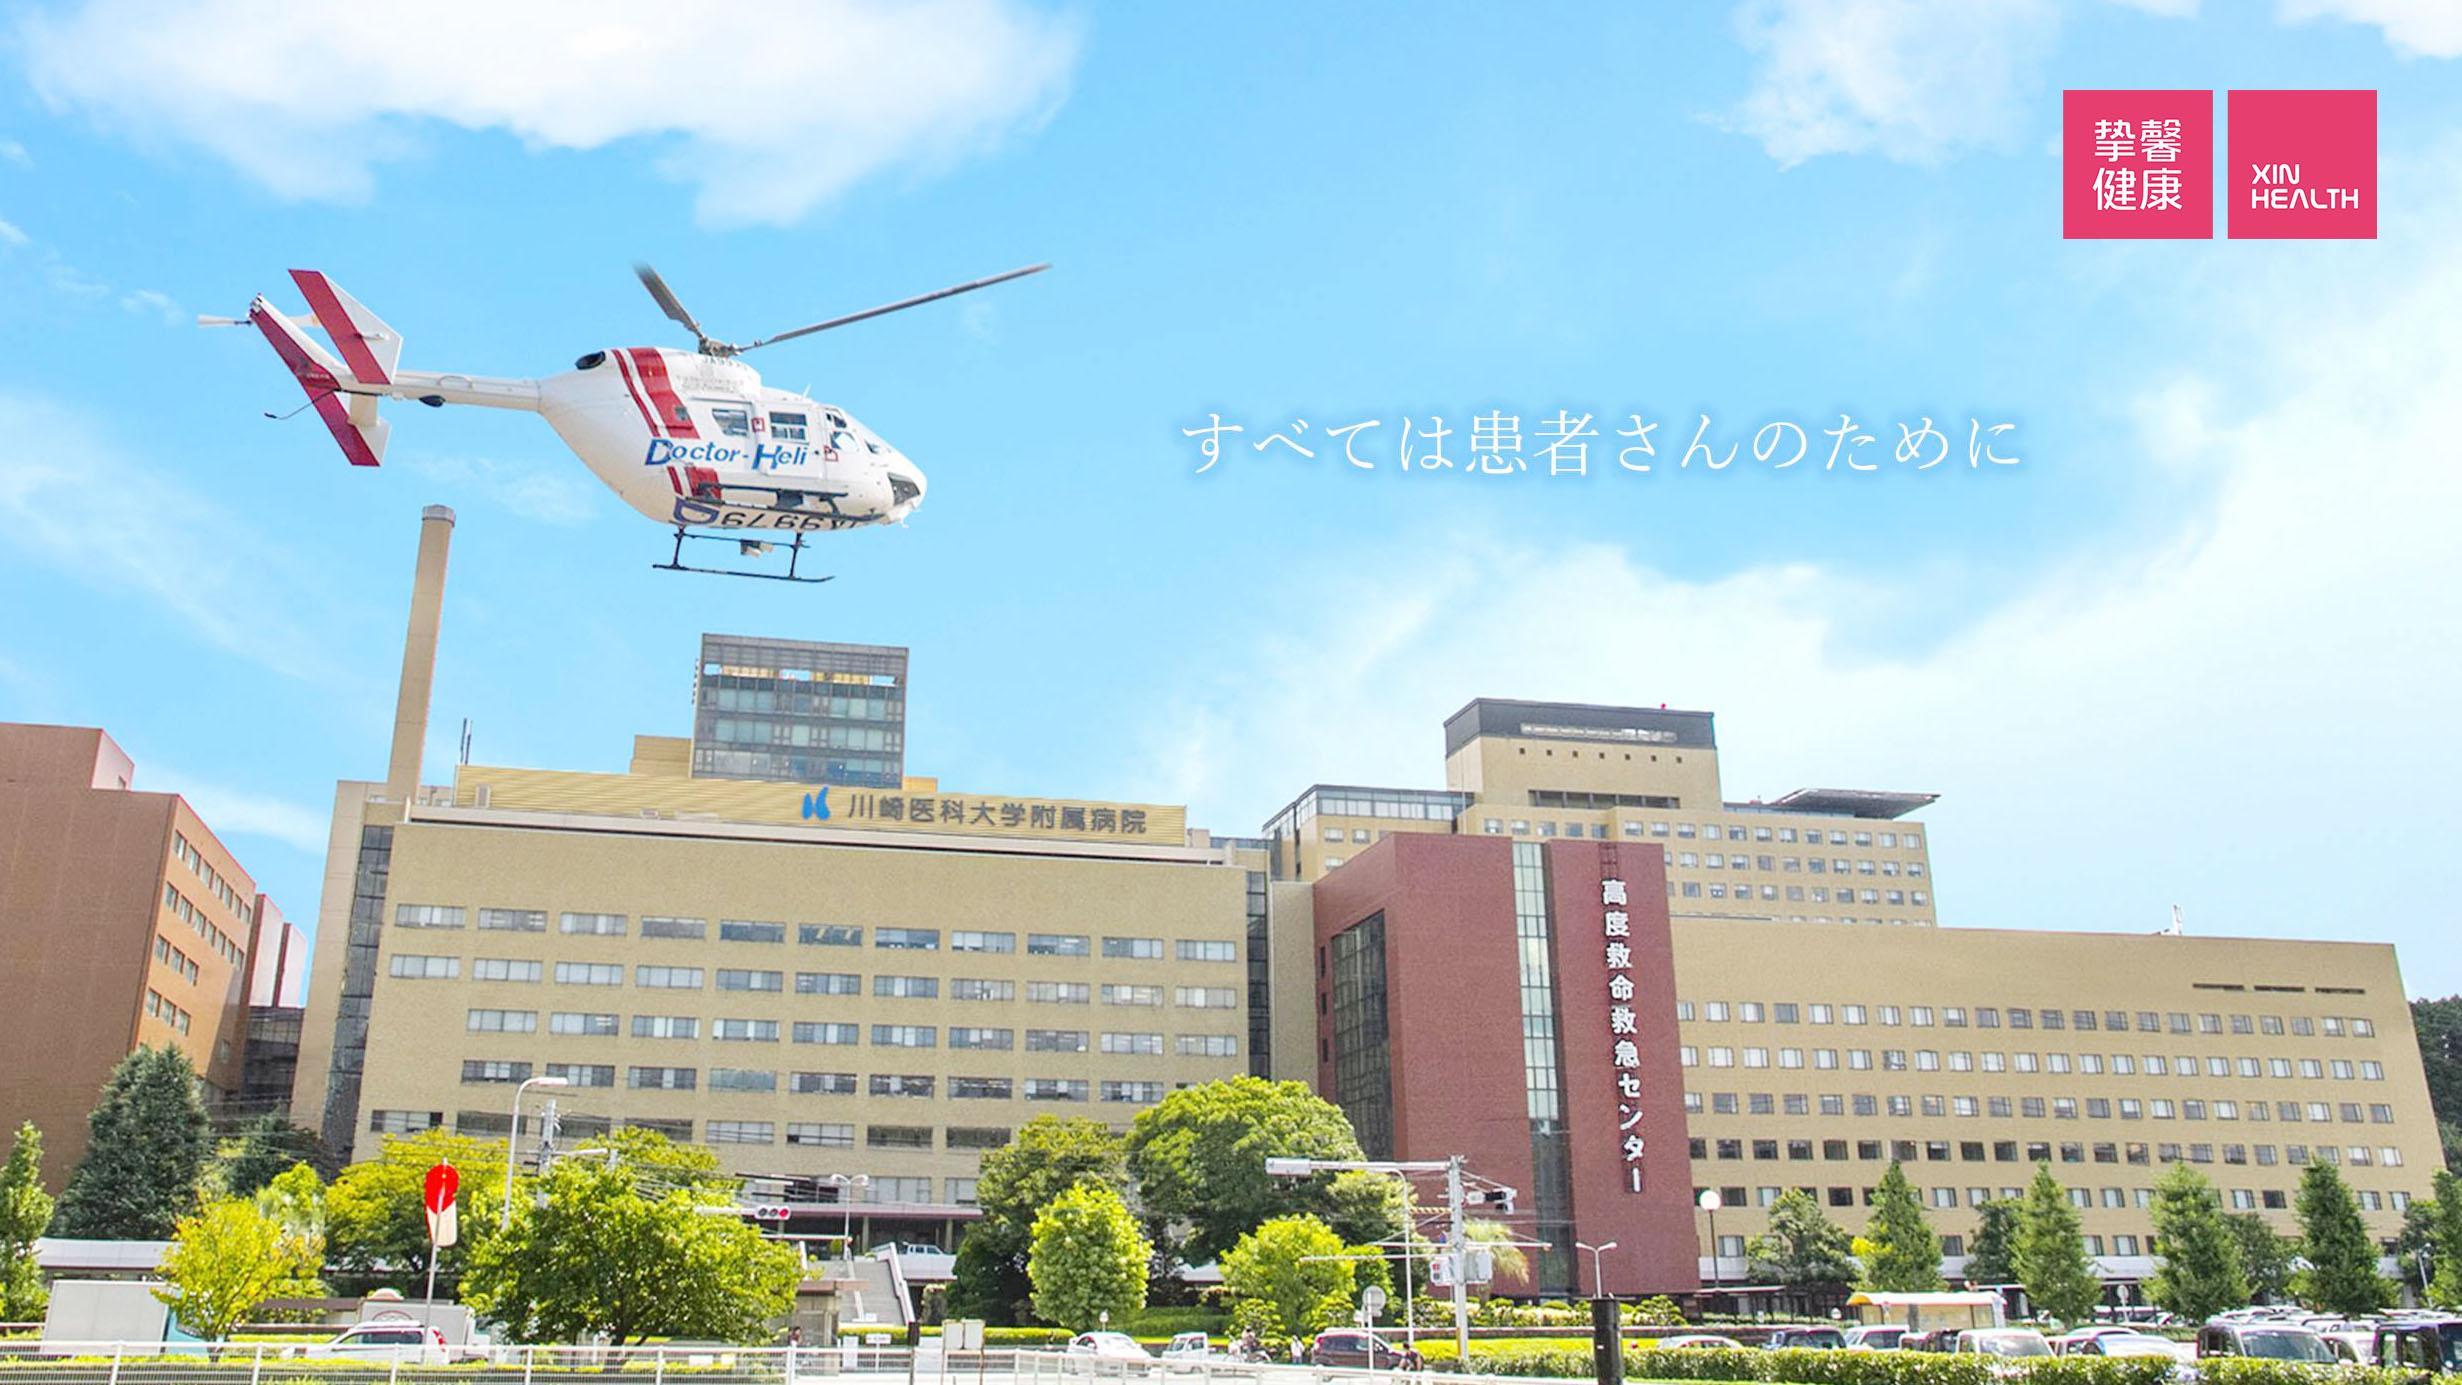 川崎医科大学附属病院 外观